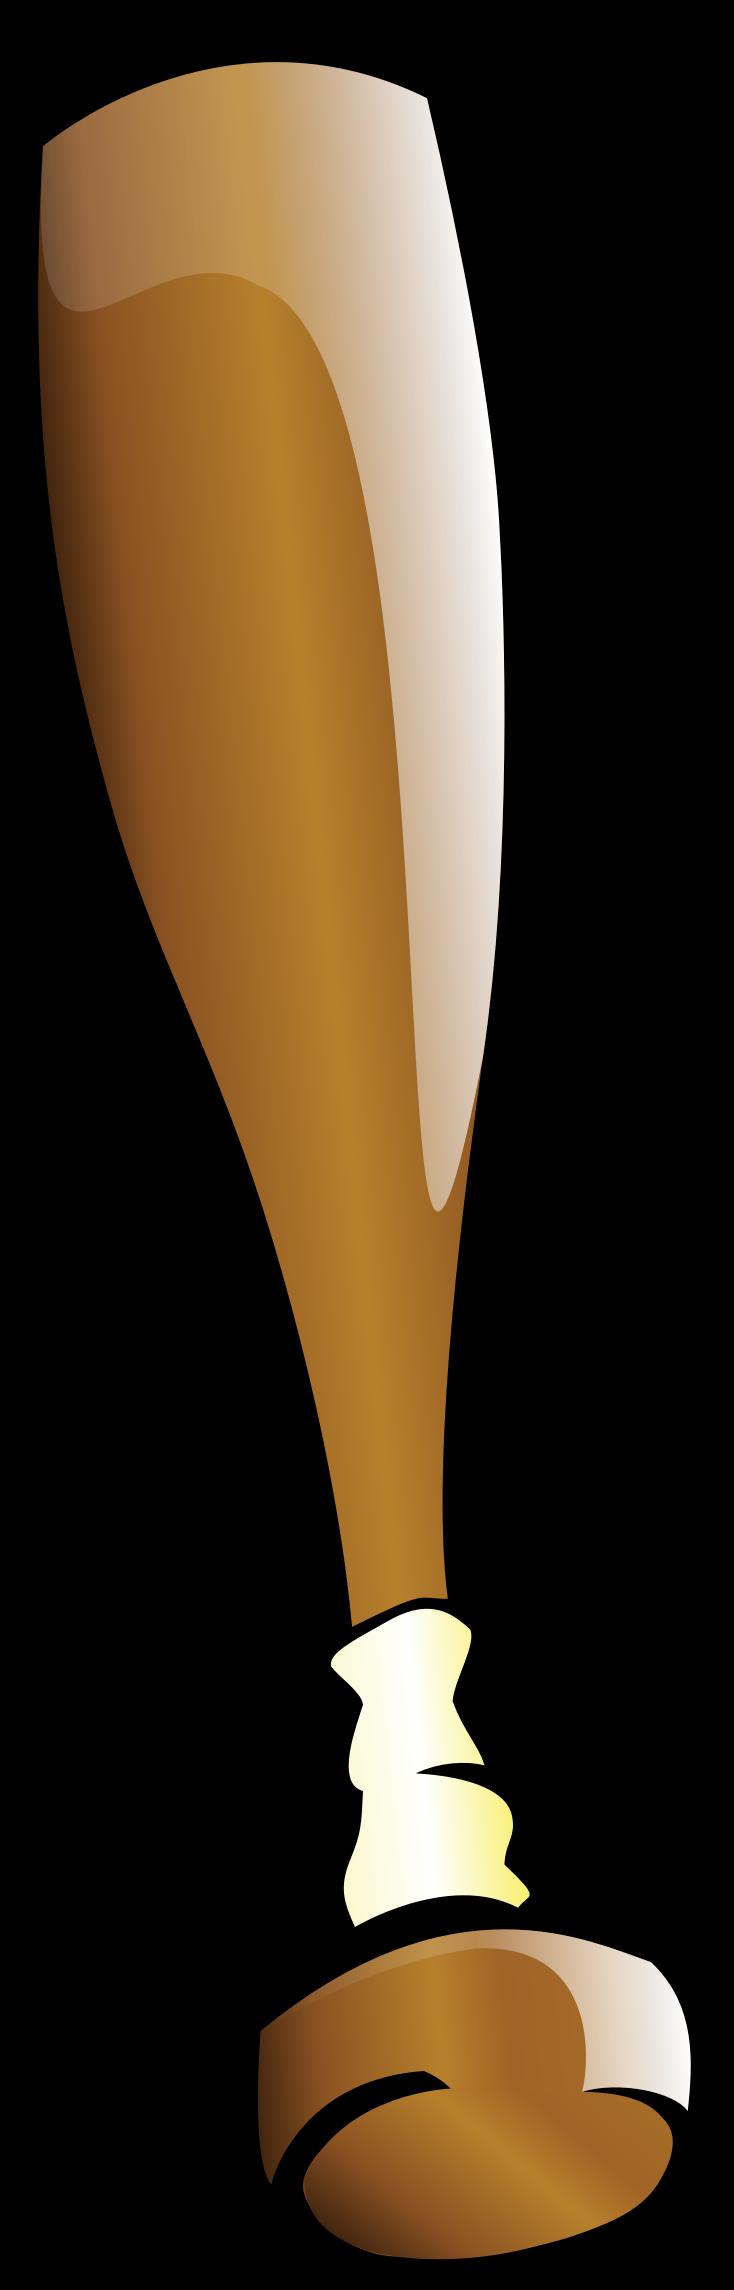 Baseball bat vertical. Clipart free download best